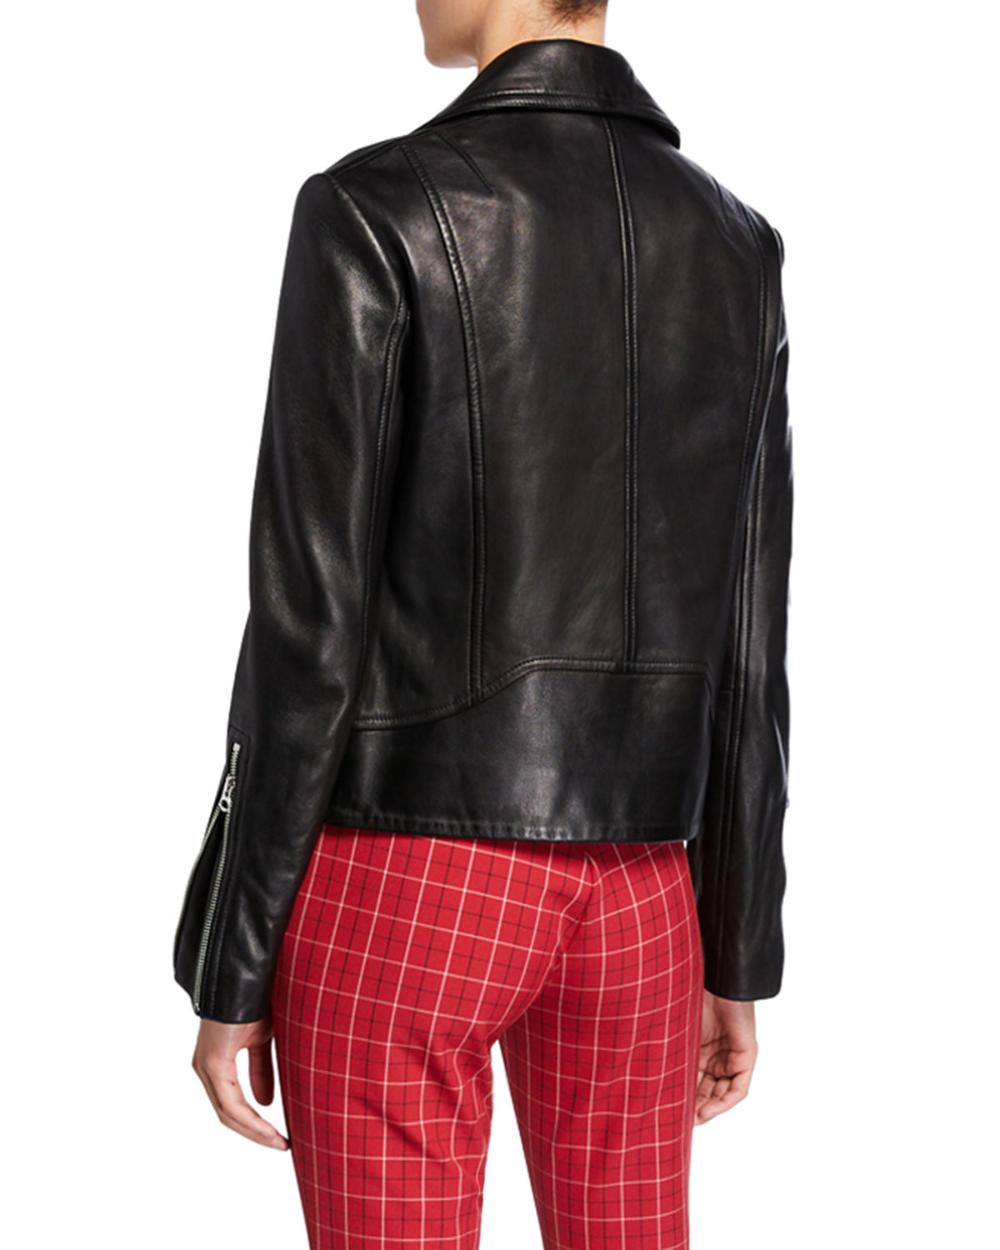 Rag & Bone Mack Leather Moto Jacket and Matching Items